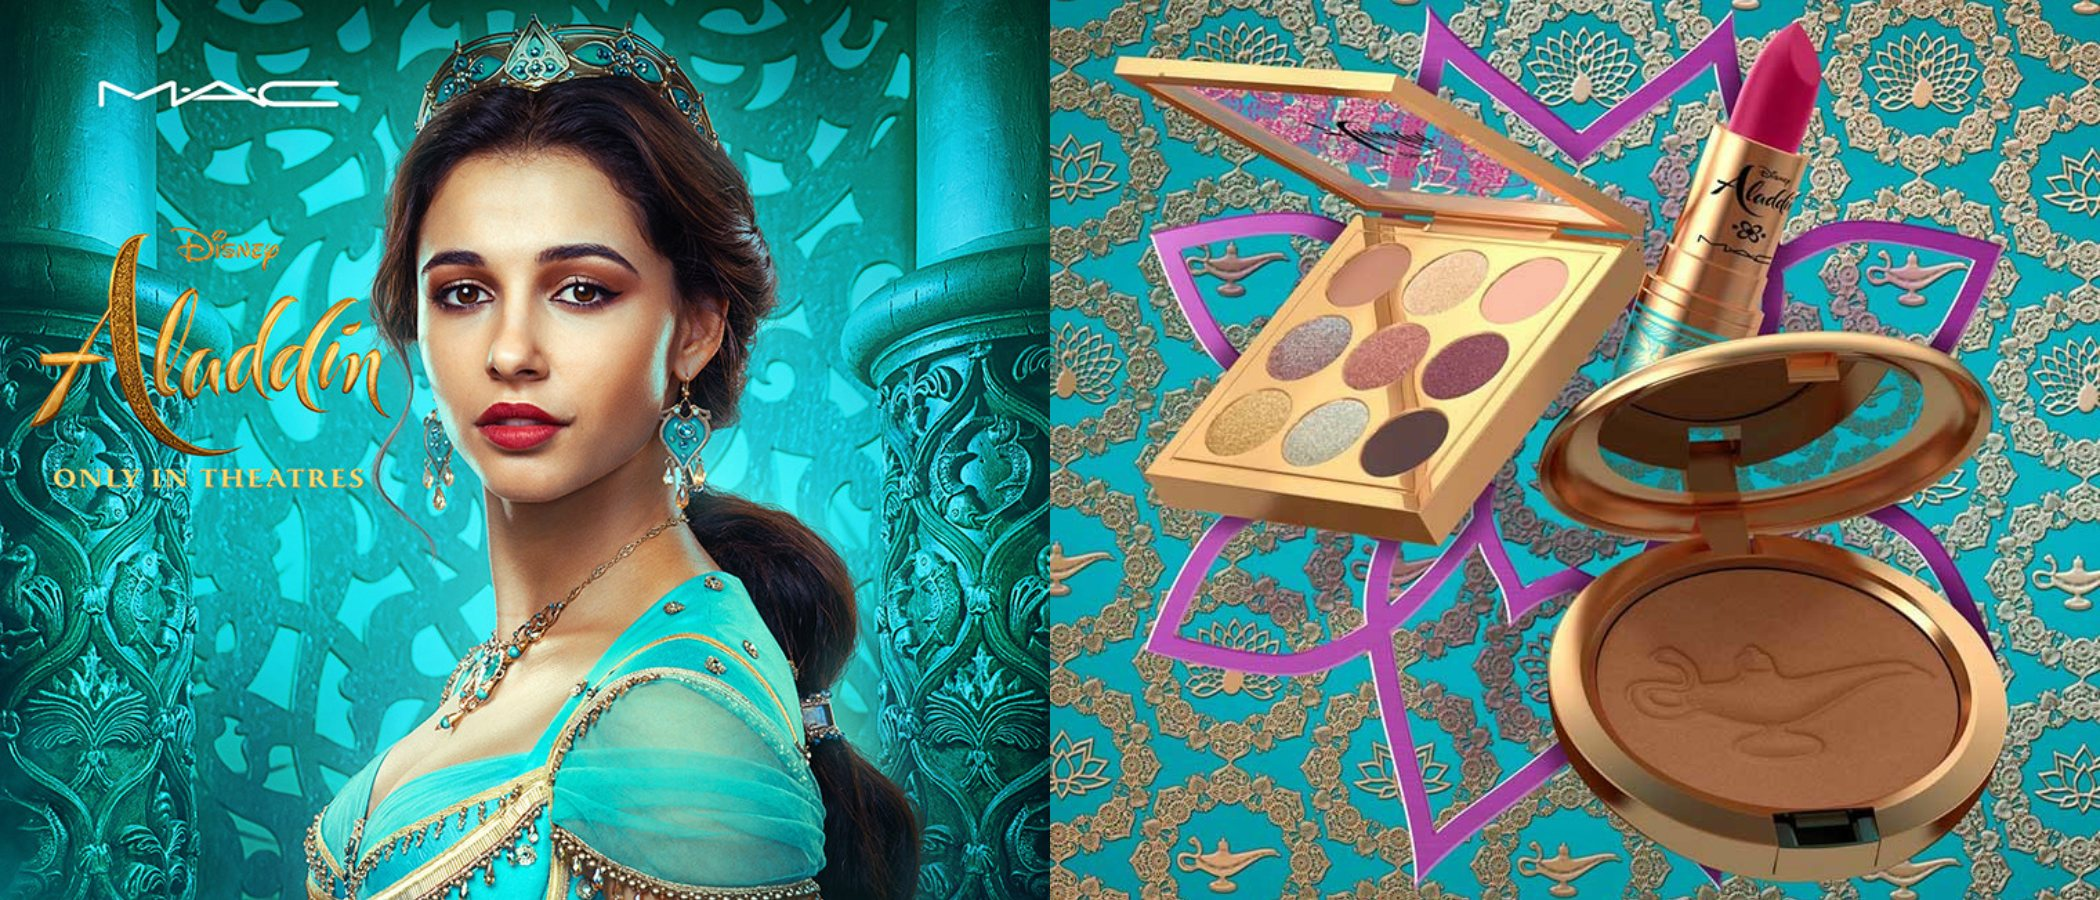 MAC lanza una colección de maquillaje inspirada en 'Aladdin'